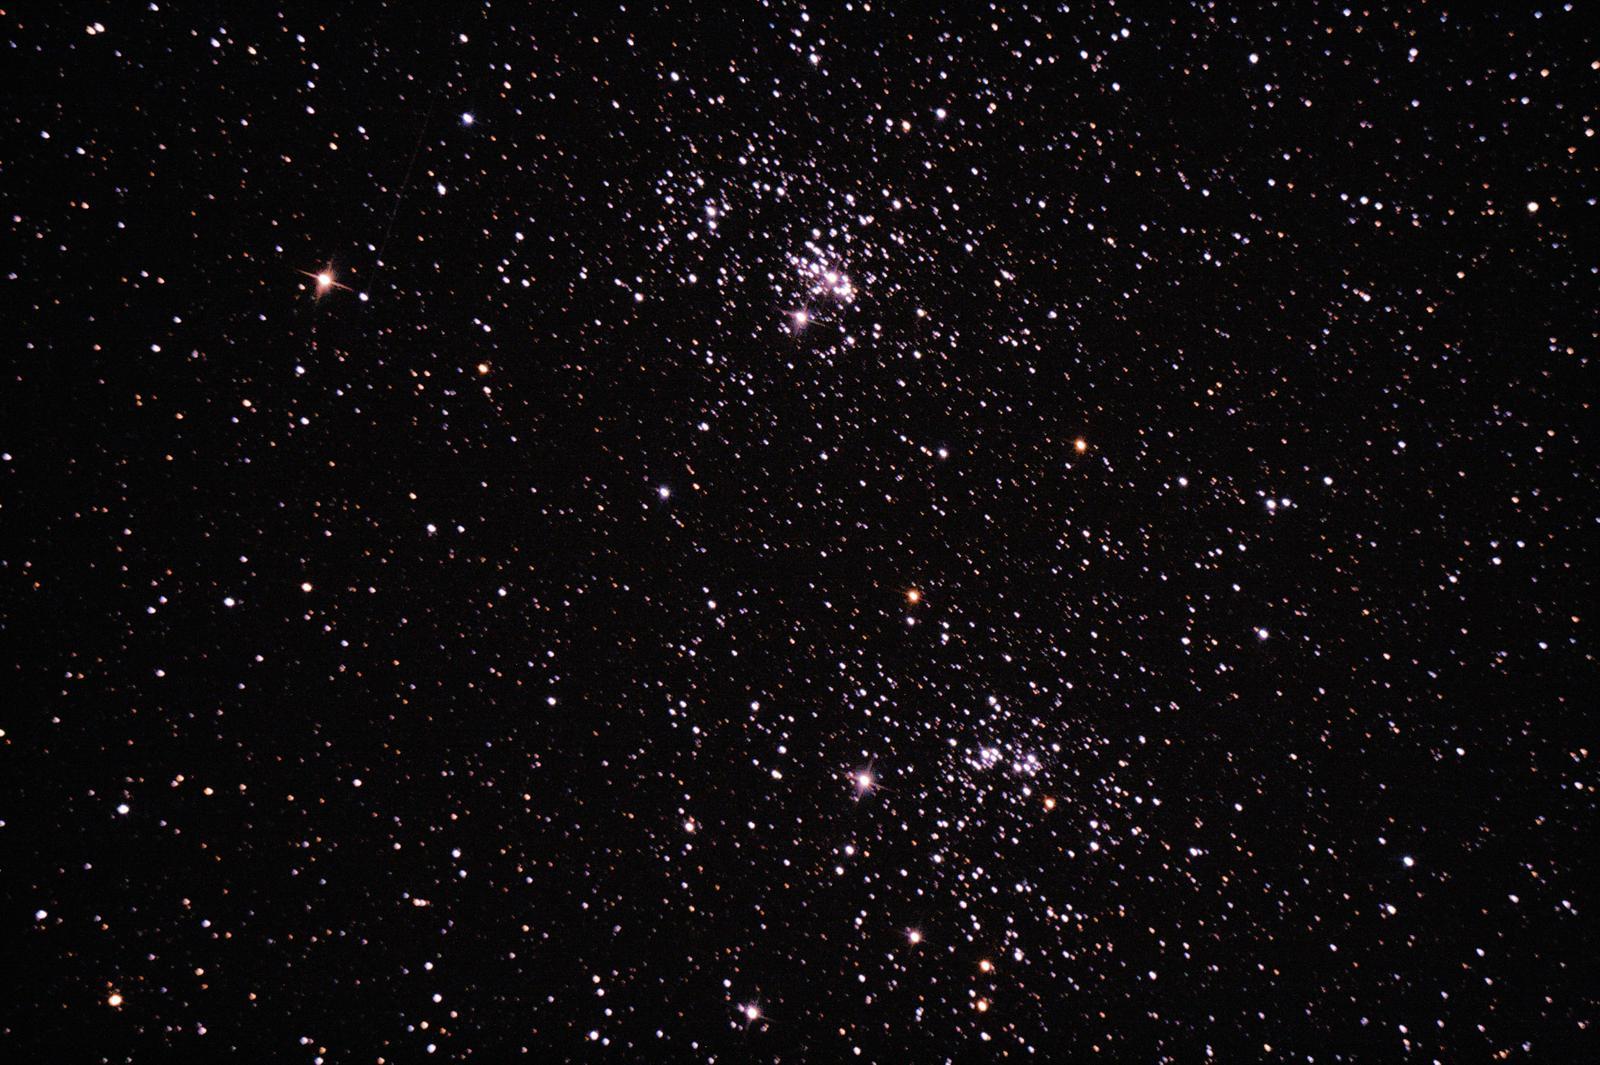 Double amas de Persée (et petite étoile filante)- à Saint-Martin (32) - 13 août 2017 - Skywatcher 200/1000 + Canon 1000D défiltré - 1 photo 60sec ISO800 + Ouverture 5 (donnée par le téléscope) + (4 Darks 180sec ISO800) + (30 offsets 1/4000 ISO 800) - image non recoupée - suivi pas très bon